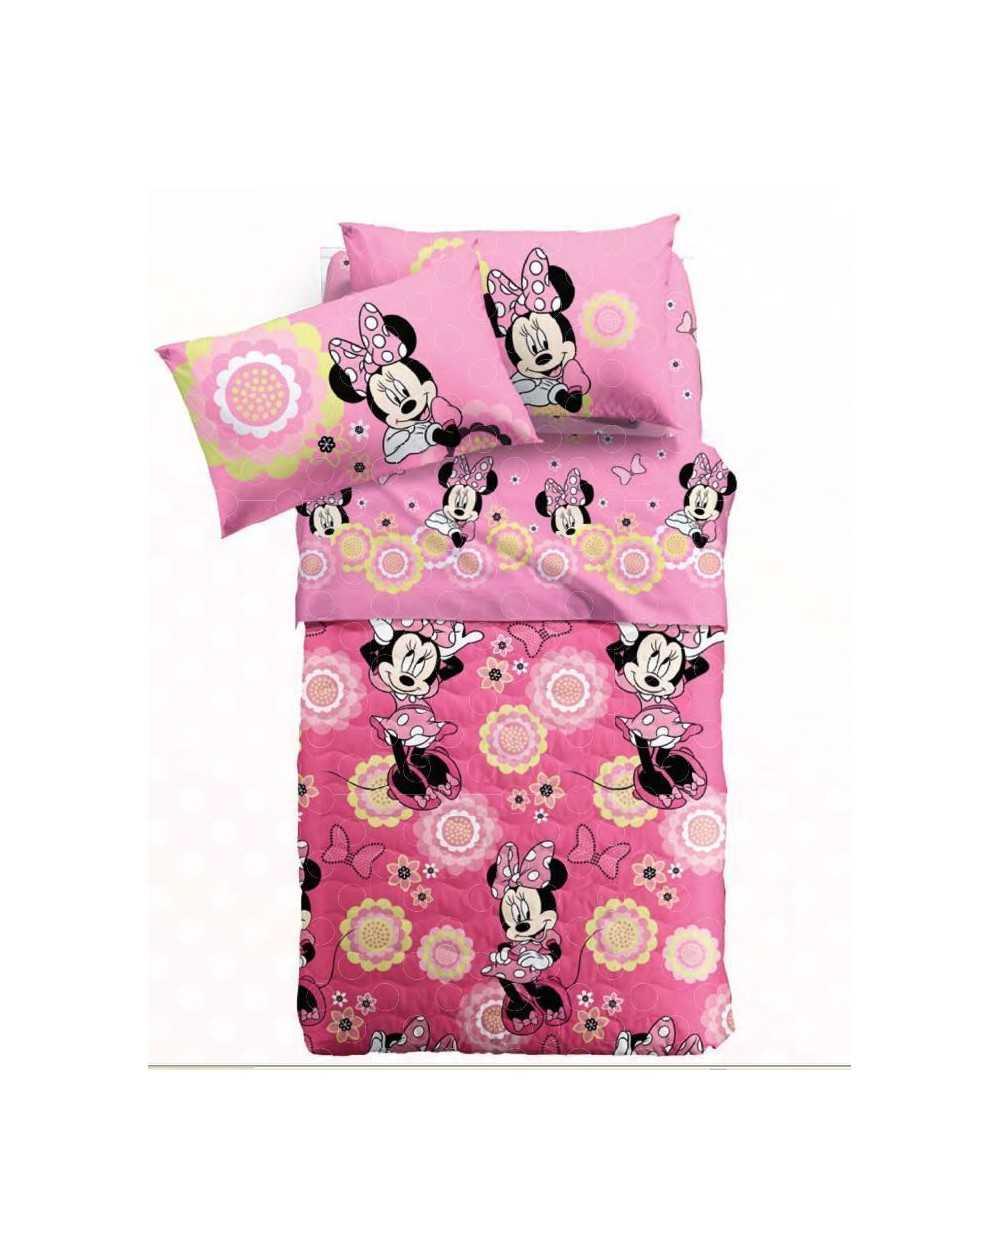 Completo lenzuola una piazza e mezza rosa minnie allegra caleffi disney rasoline l f d home - Completo letto minnie e topolino ...